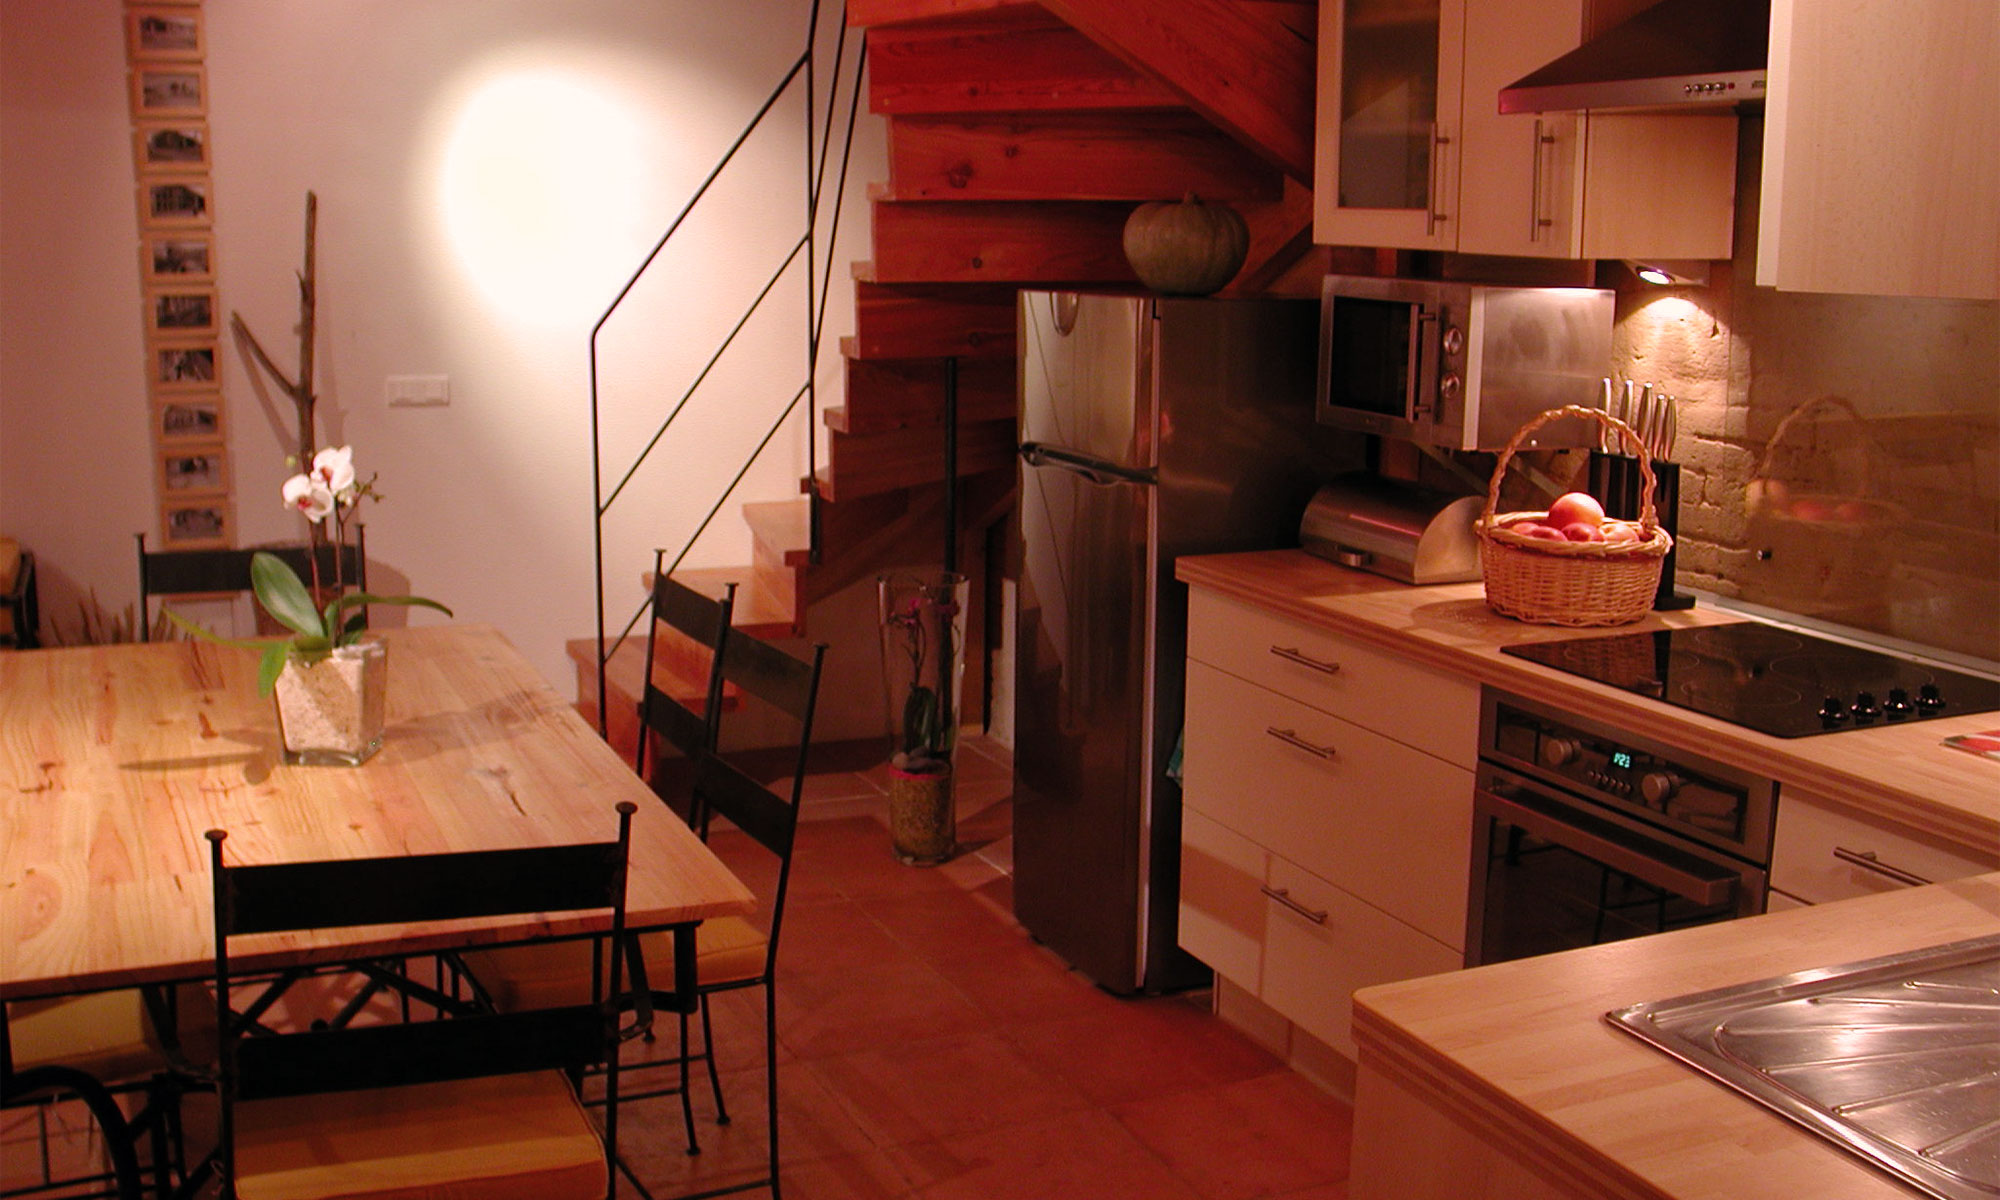 cuisine-ecogite-4-personnes